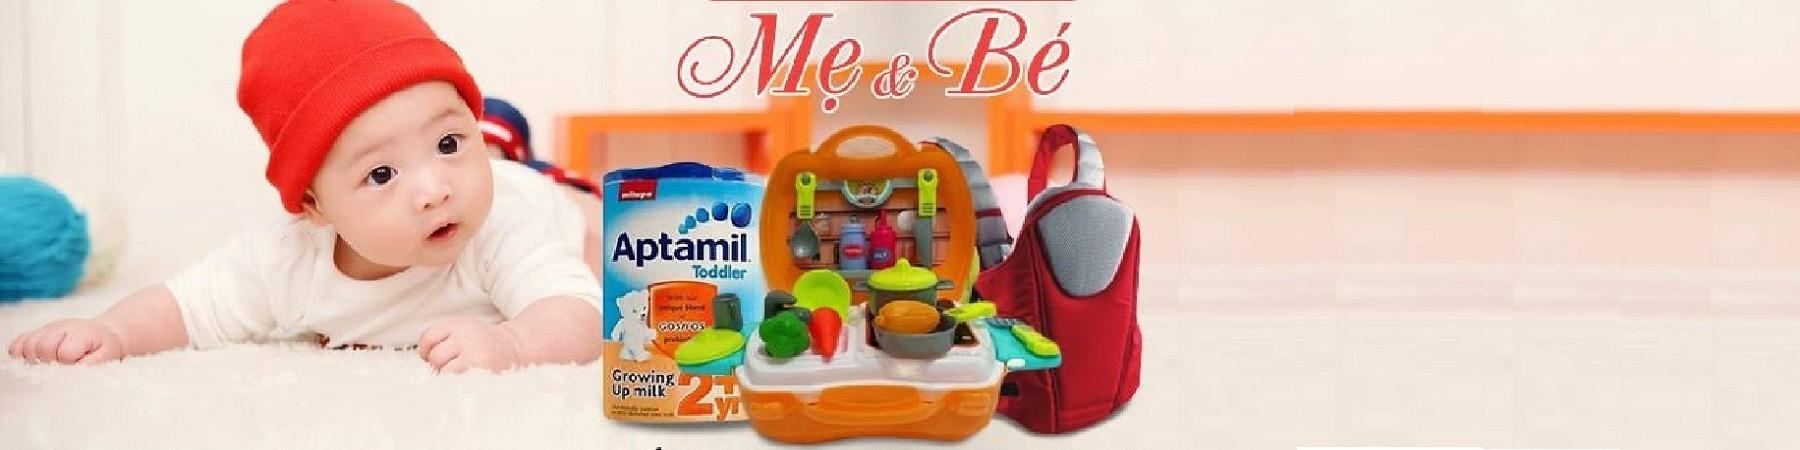 Đồ dùng,thực phẩm dành cho  Bà bầu, Mẹ và Bé chất lượng cao, an toàn